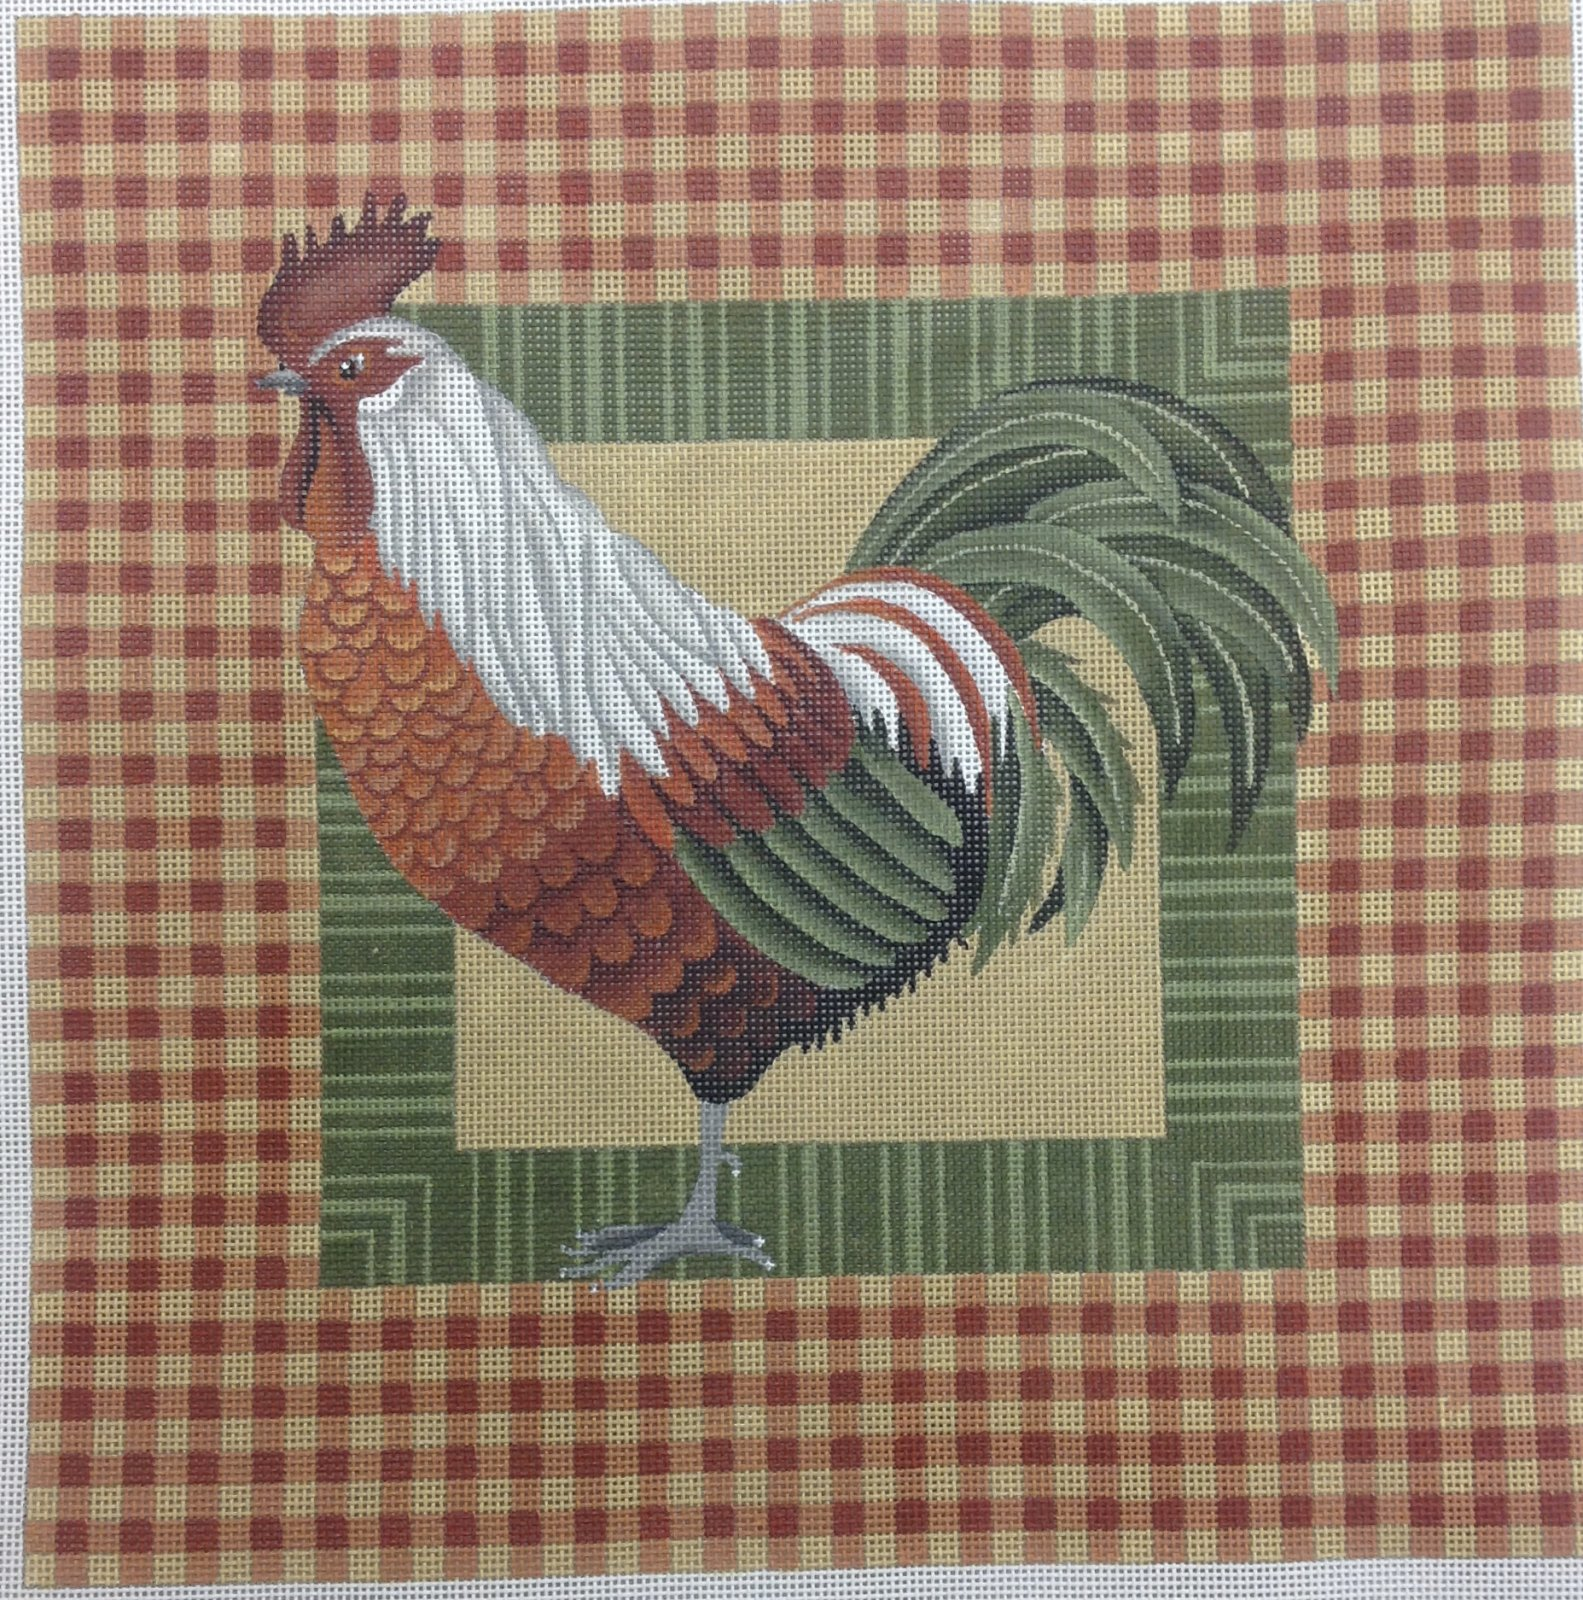 orange & green rooster on orange